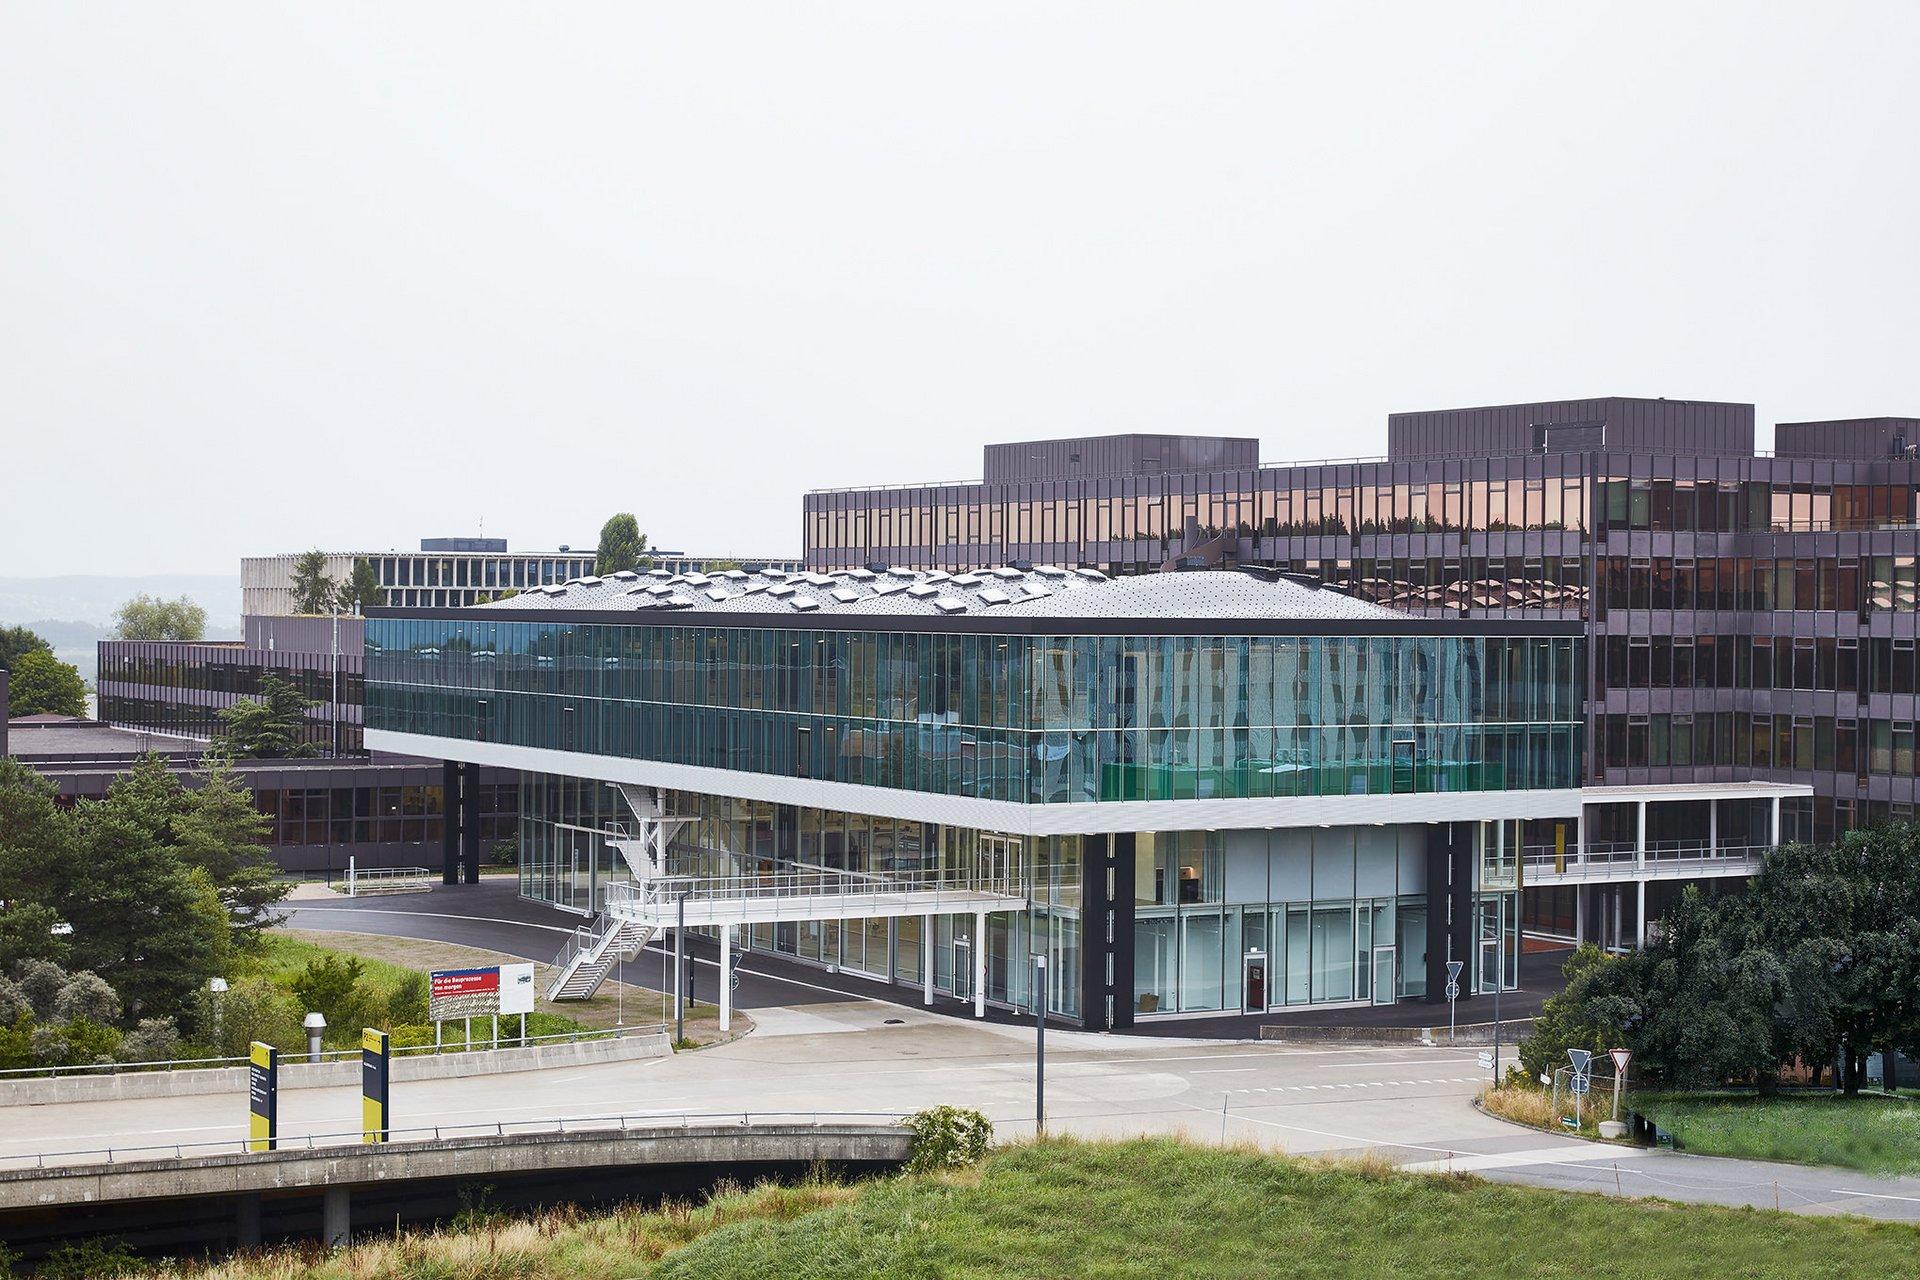 Bâtiment à 2 étages à façade de fenêtres et toiture ondulée